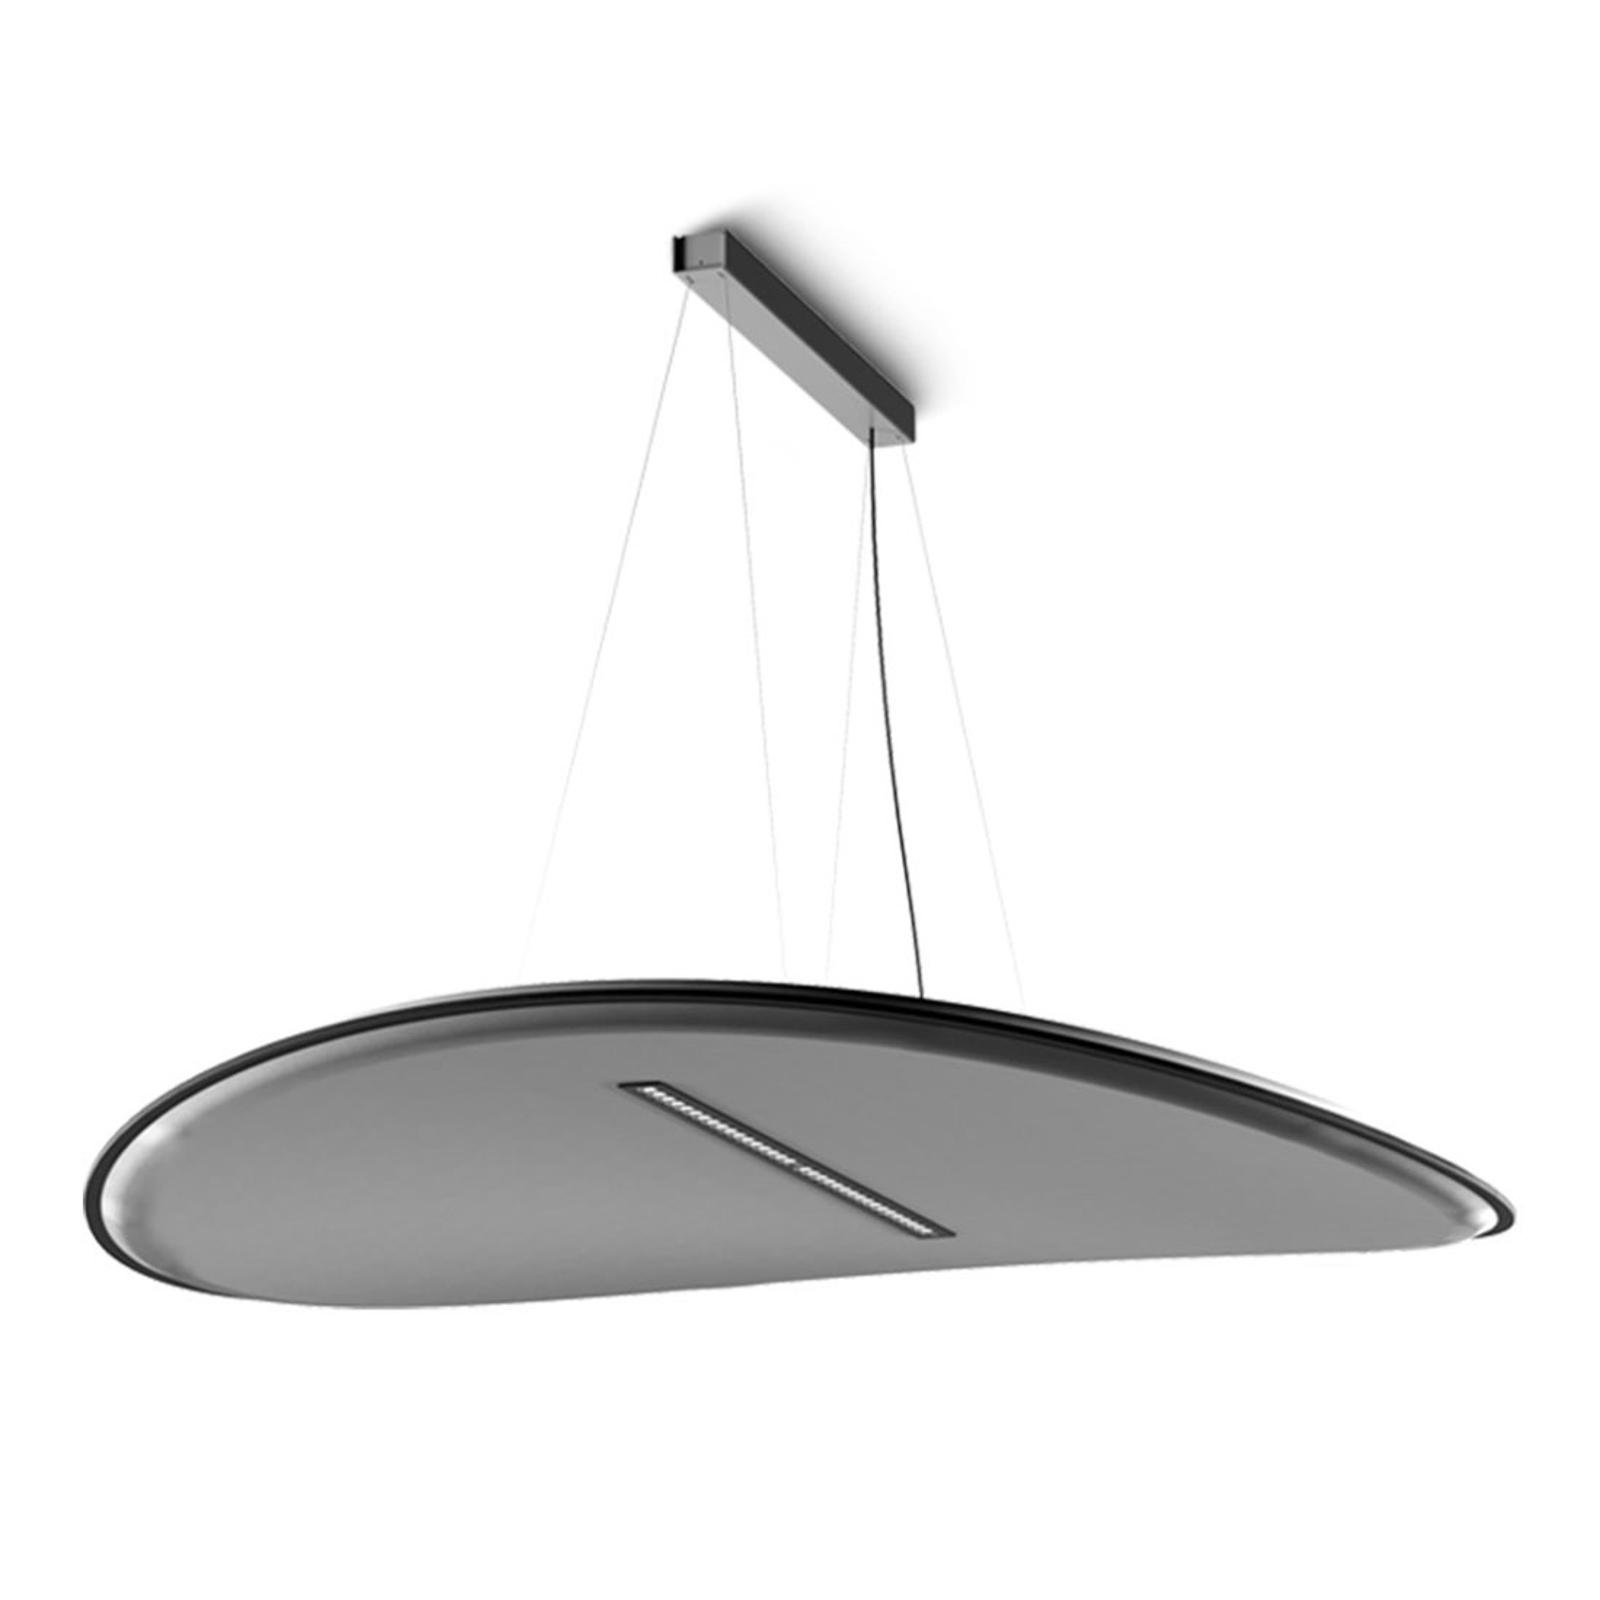 LED-Hängelampe Derby, Darklight-Filter, grau